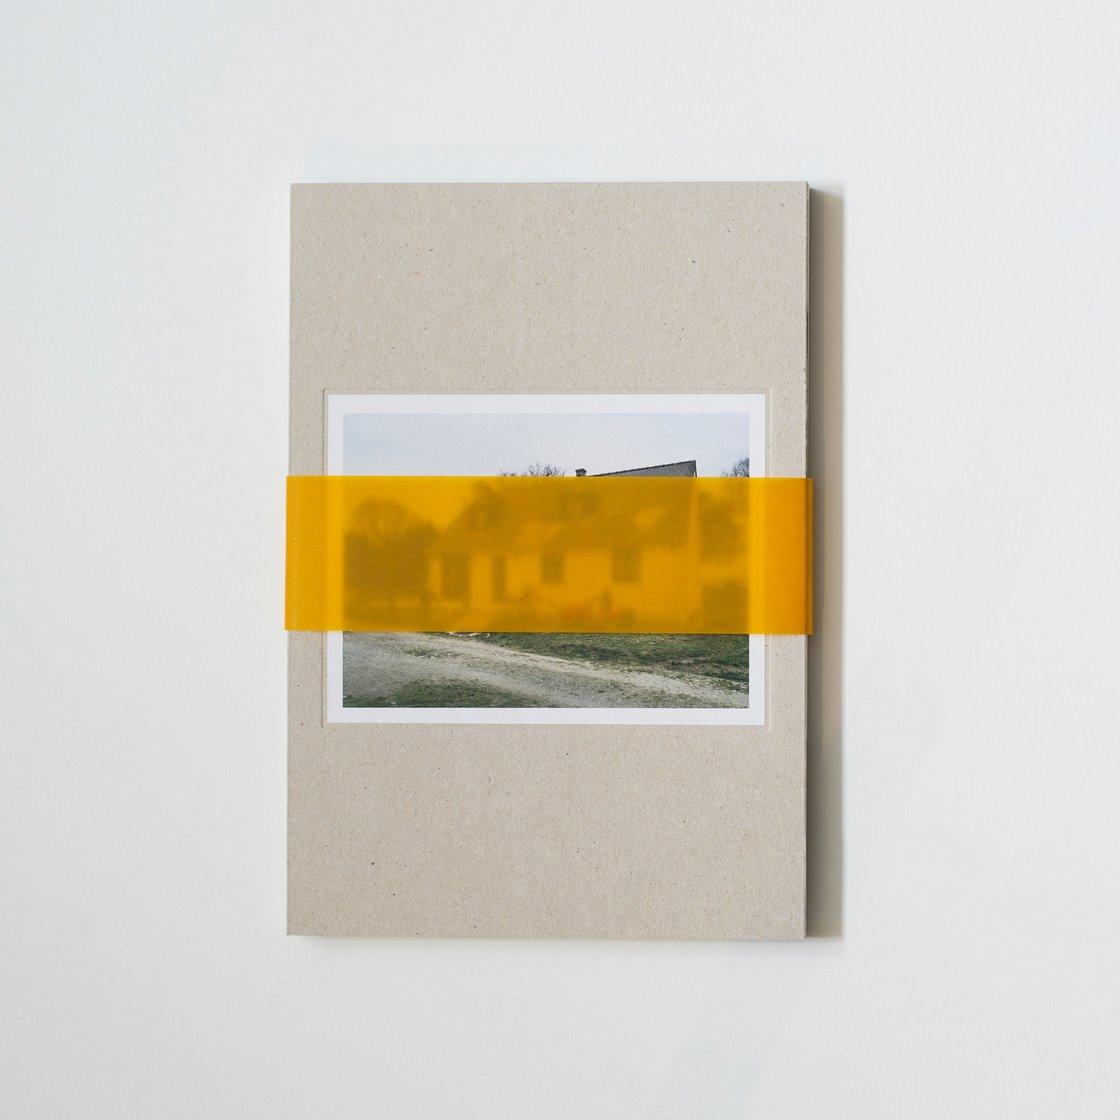 Image of Vincent Malassis - La maison neuve